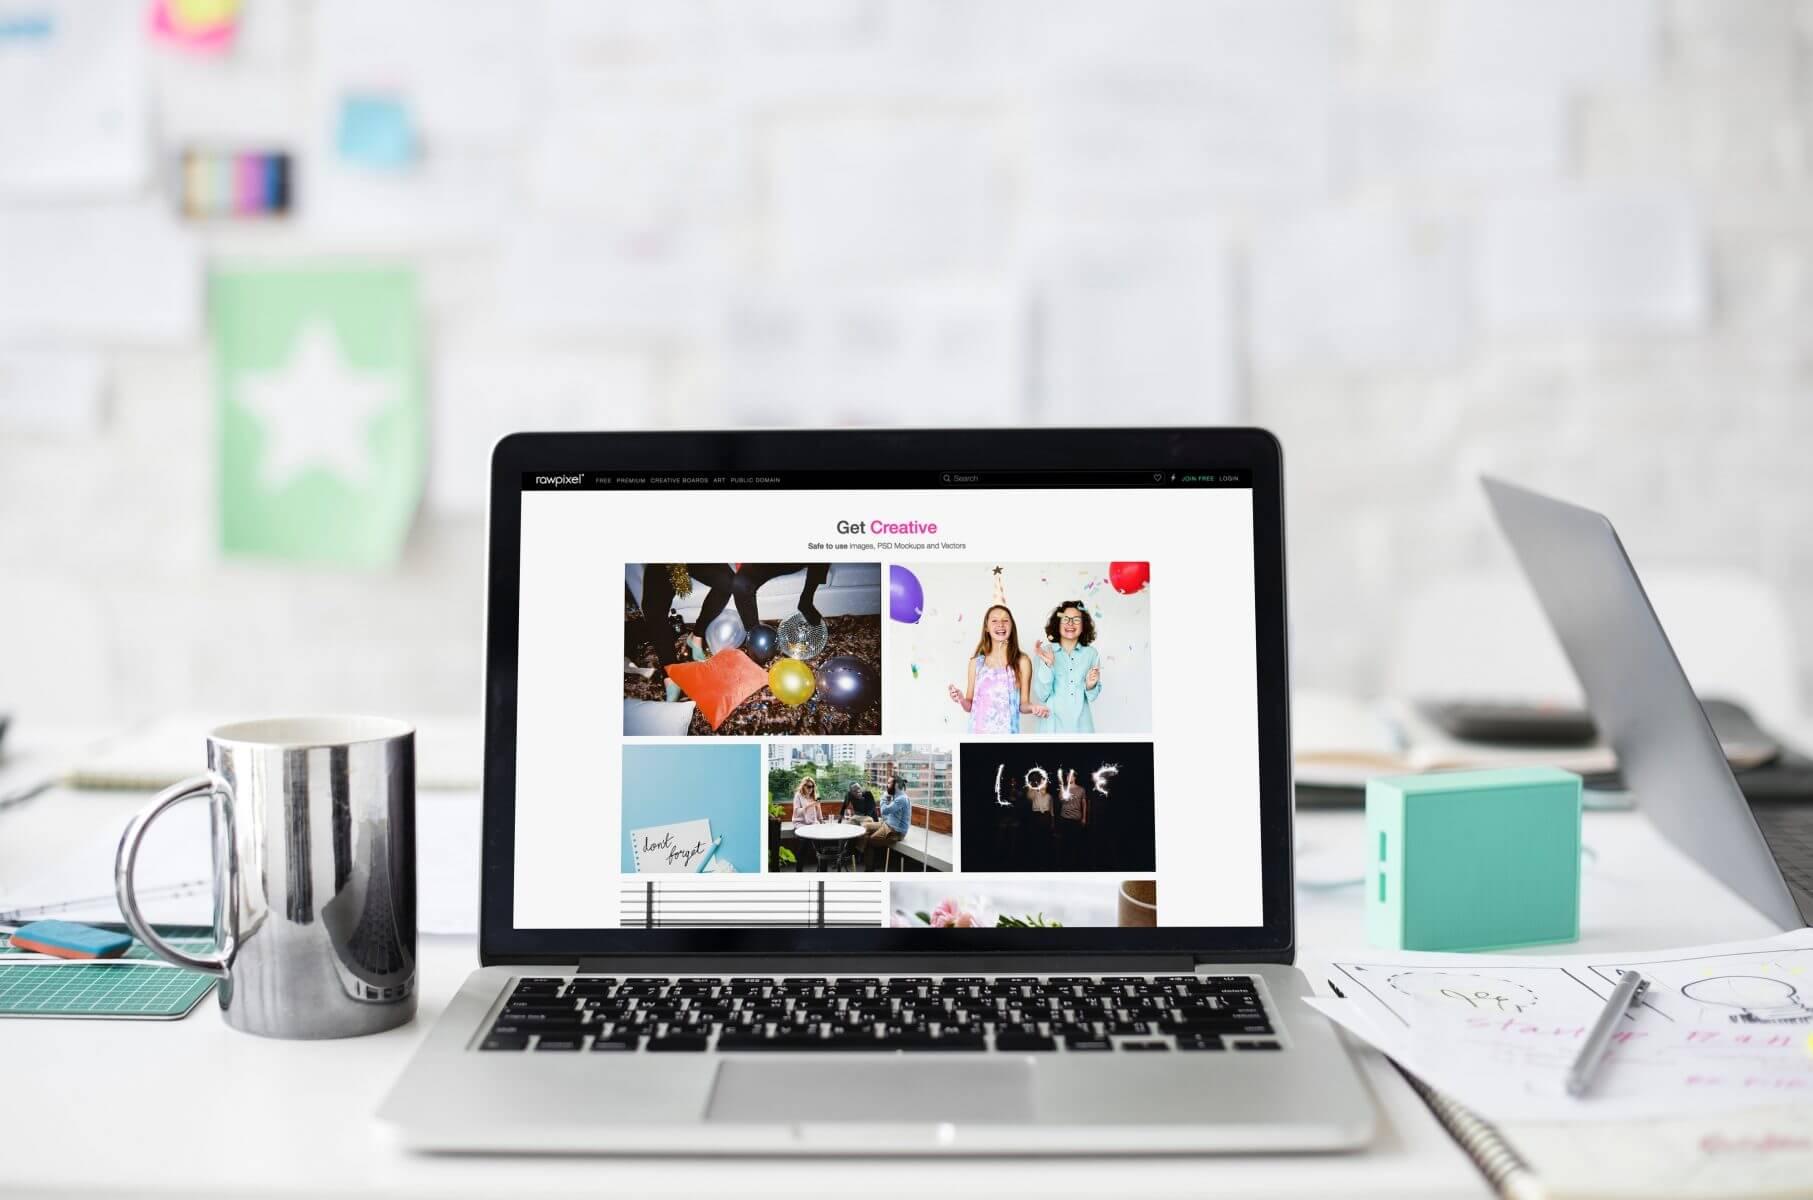 מחשב נייד עם אתר תדמית